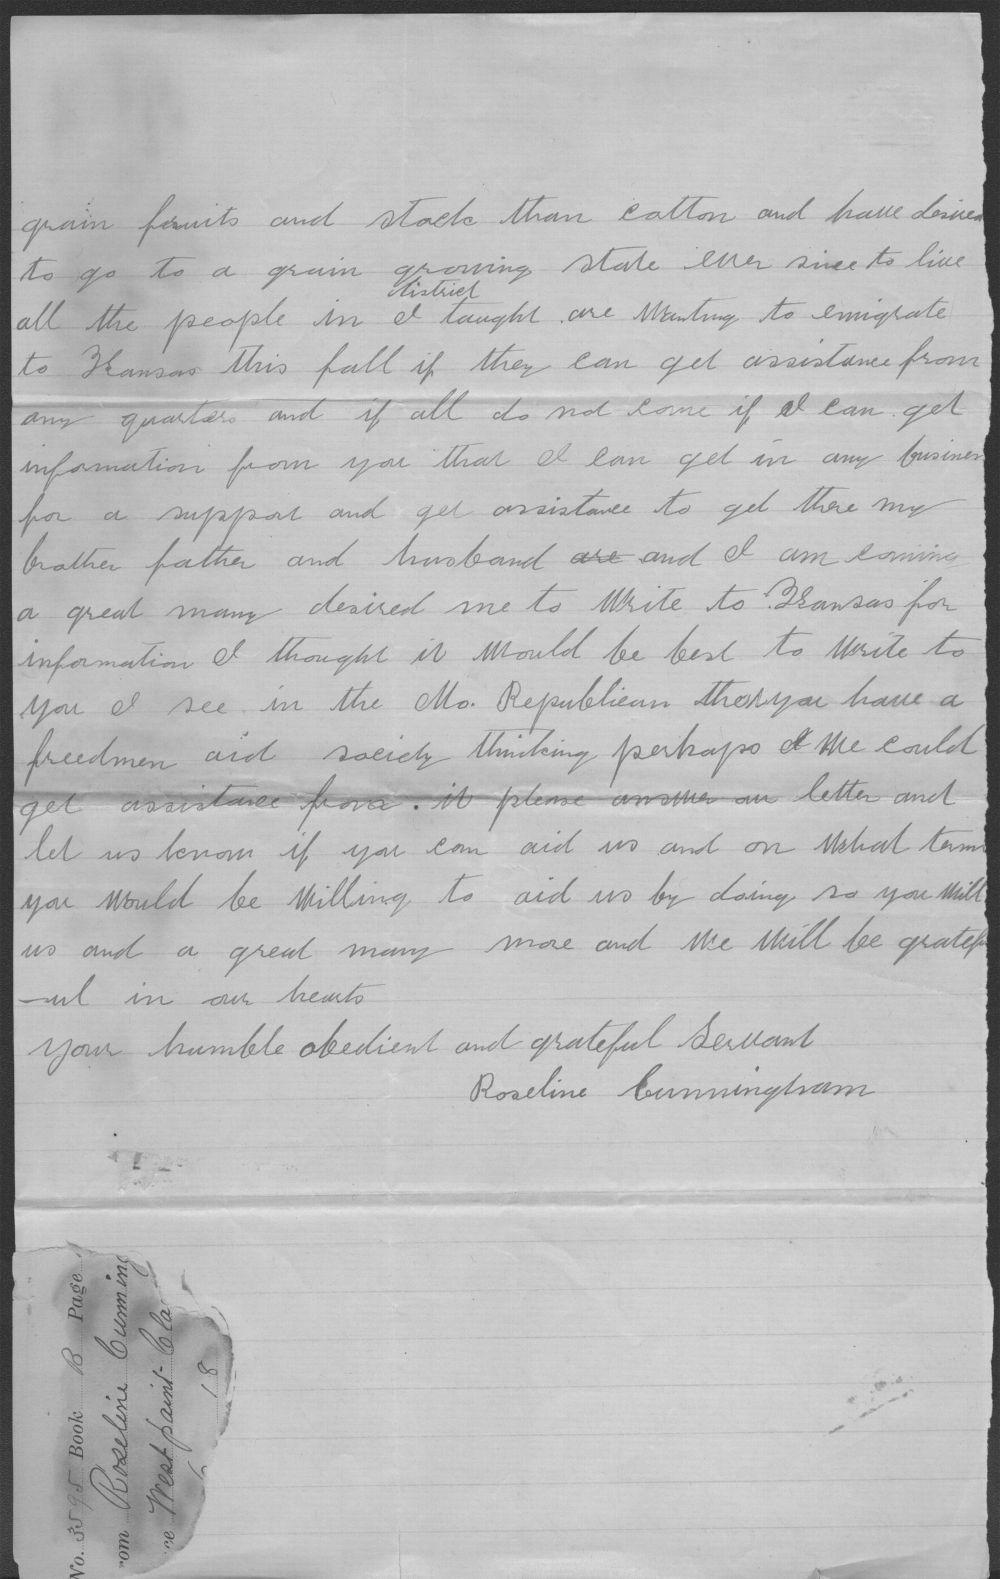 Roseline Cunningham to John P. St. John - 2